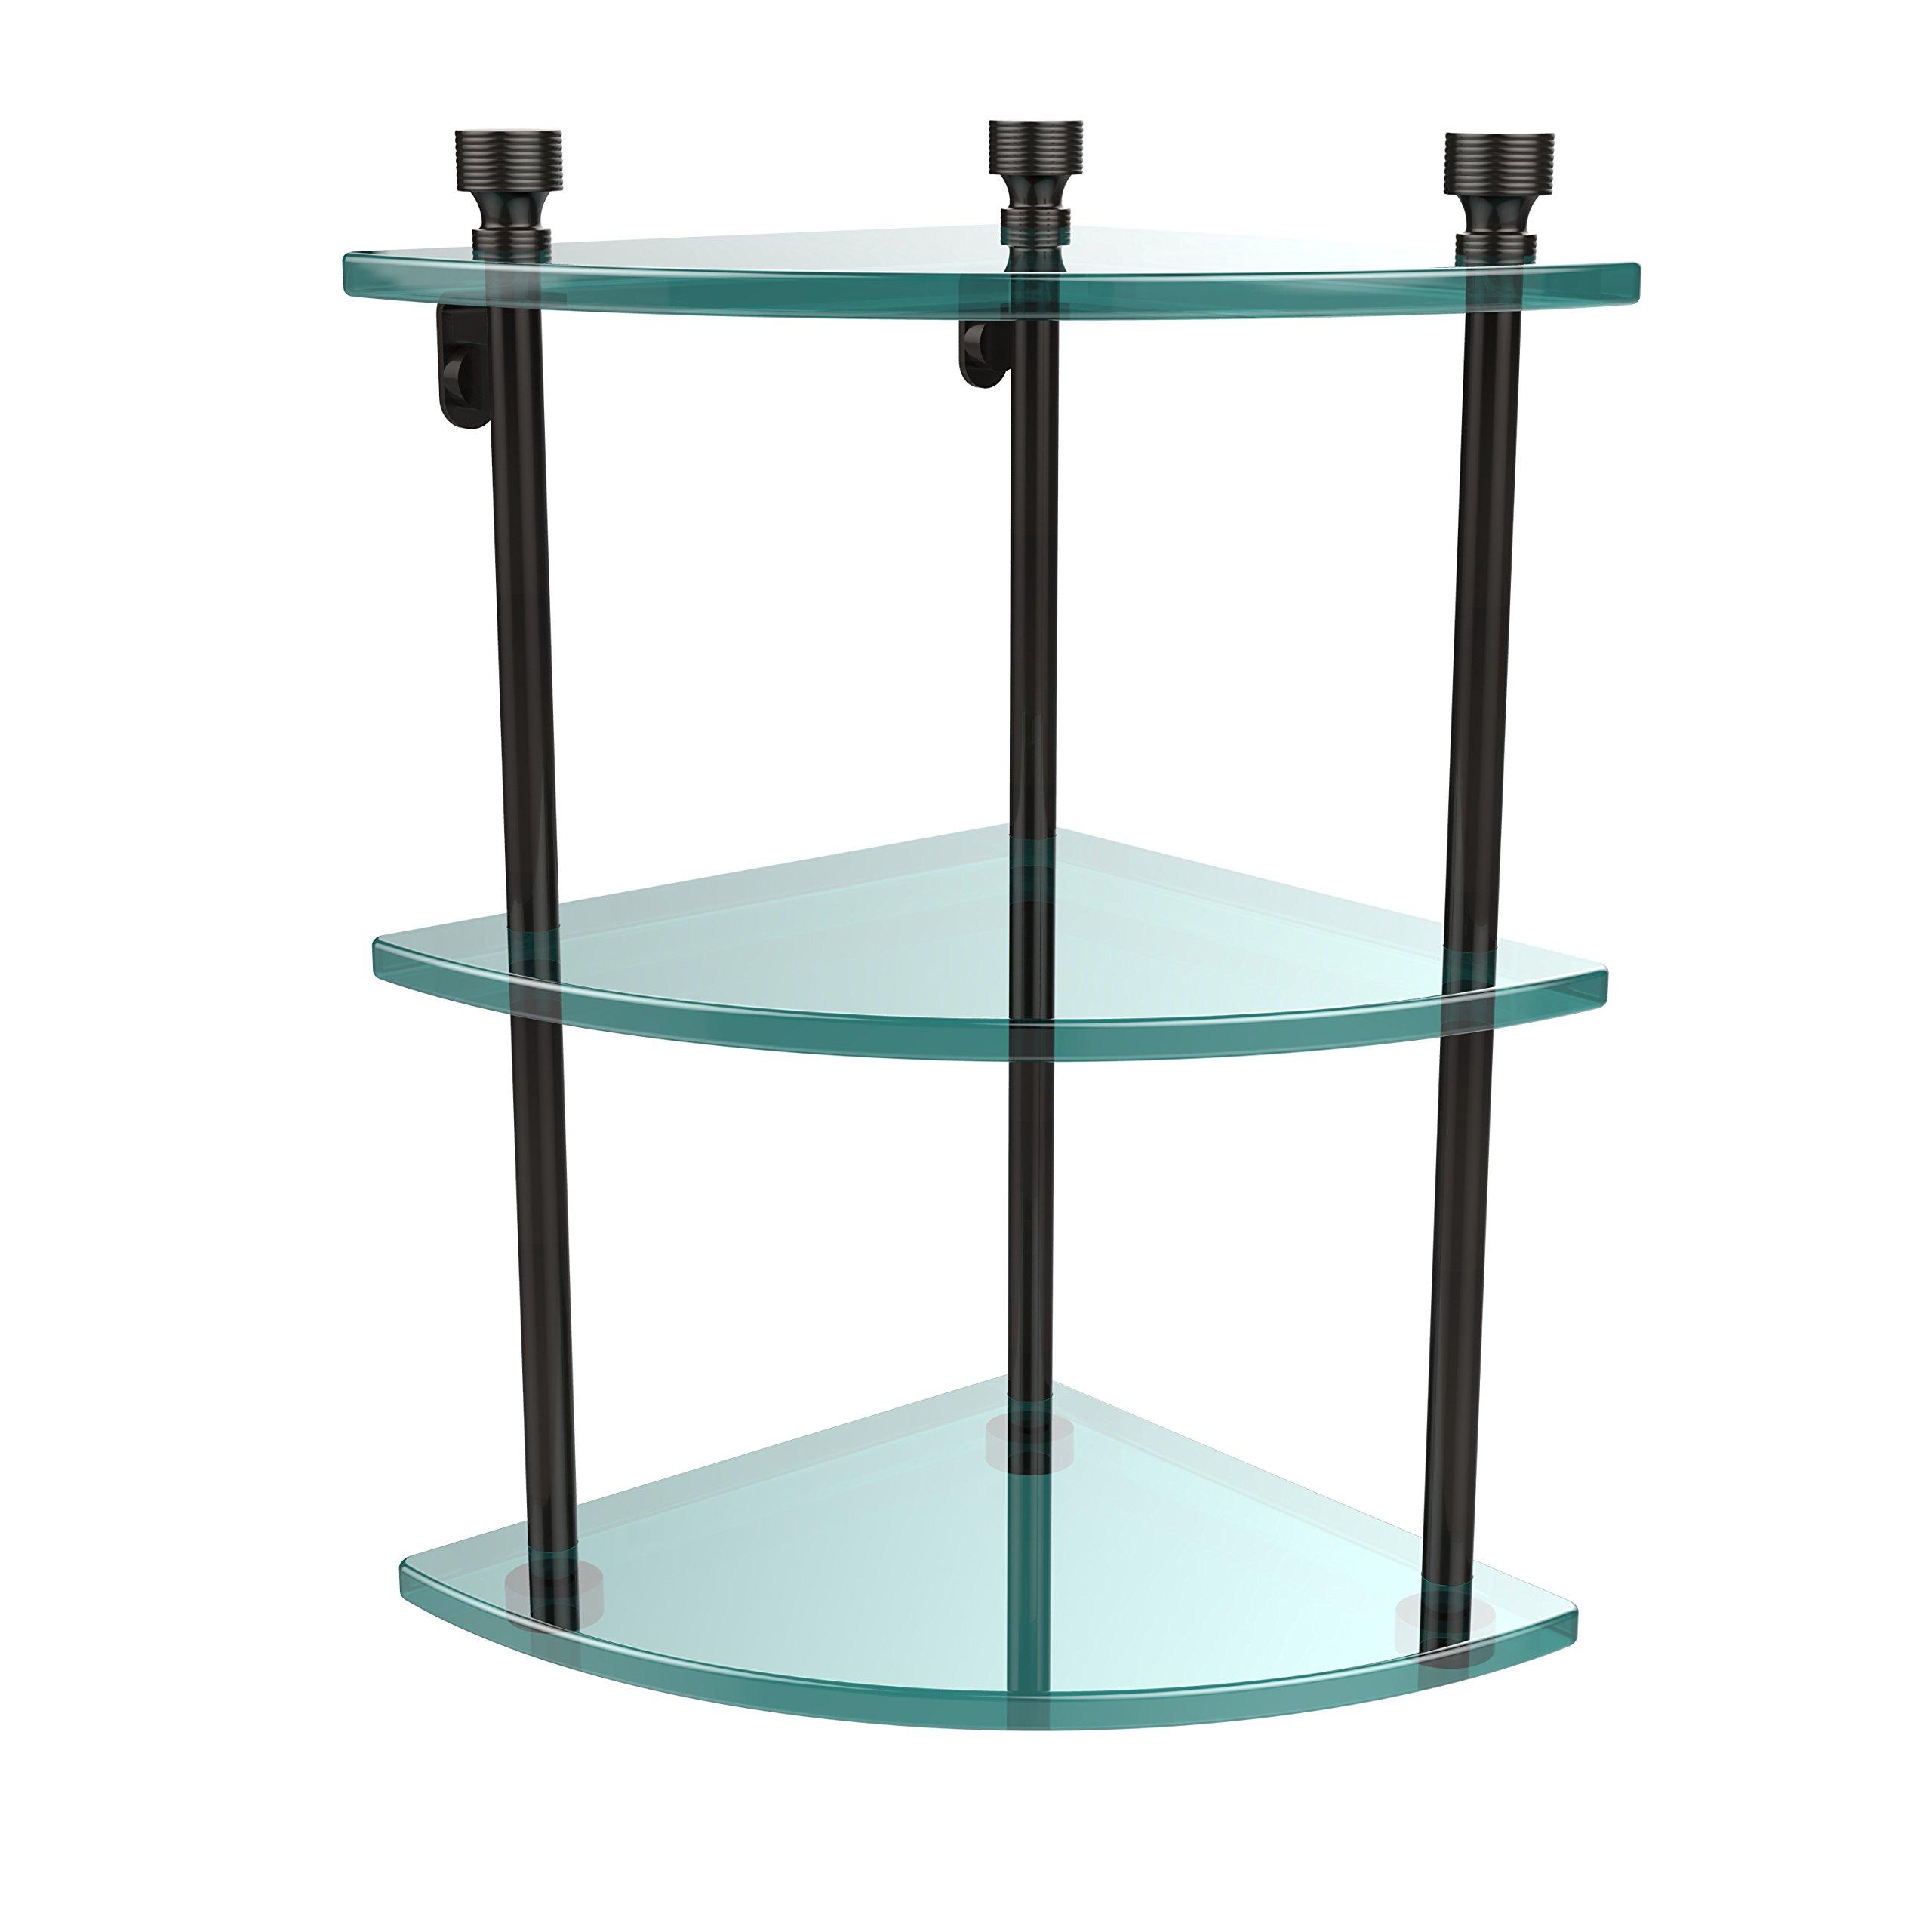 Allied Brass FT-6-ORB Triple Corner Glass Shelf Oil Rubbed Bronze by Allied Brass